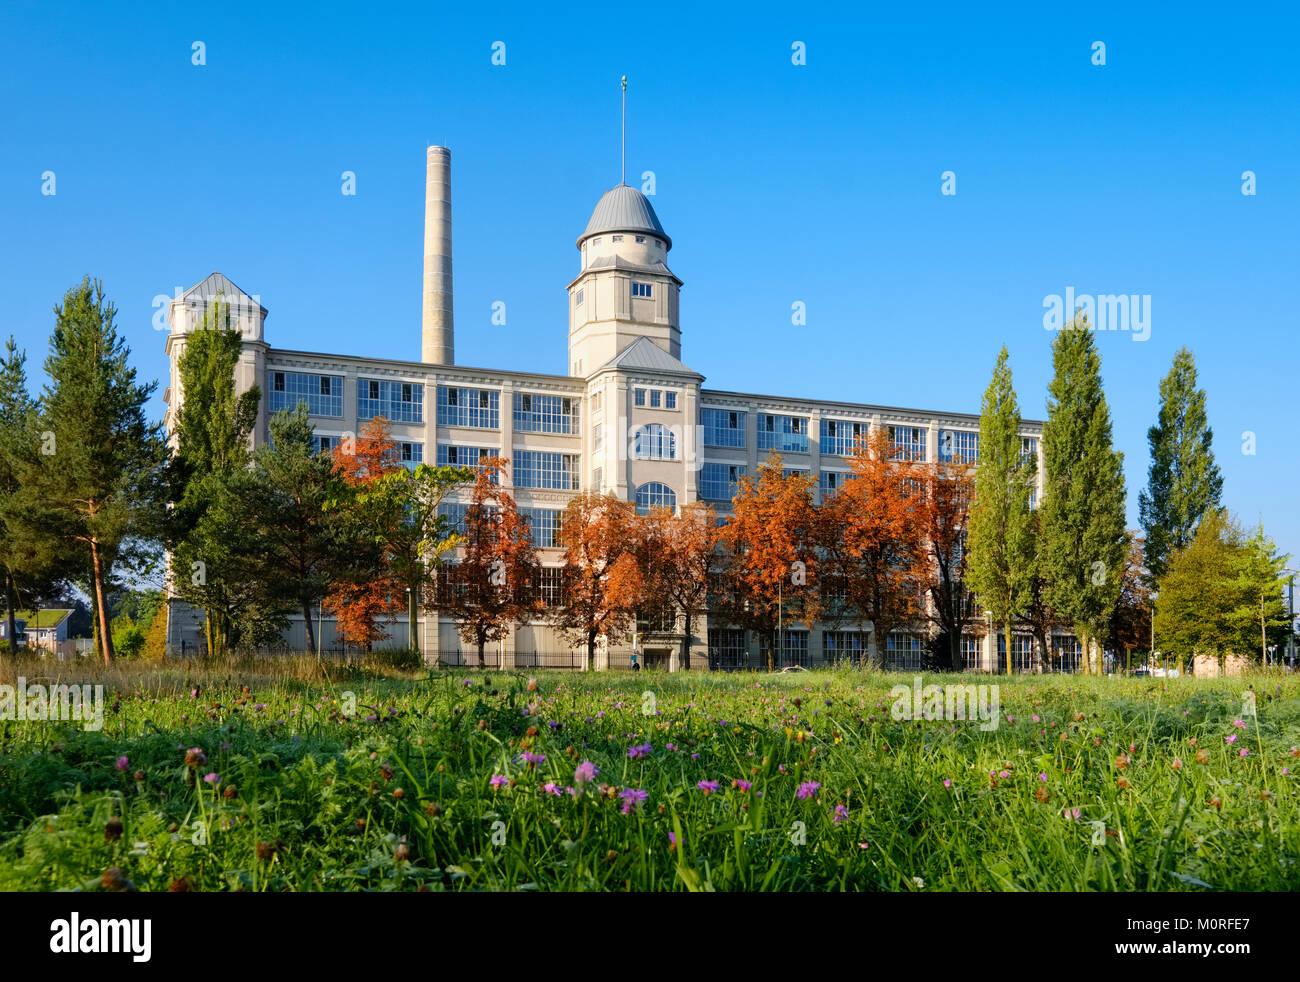 Industriedenkmal,Glaspalast, Textilviertel, Augsburg, Schwaben, Bayern, Deutschland - Stock Image